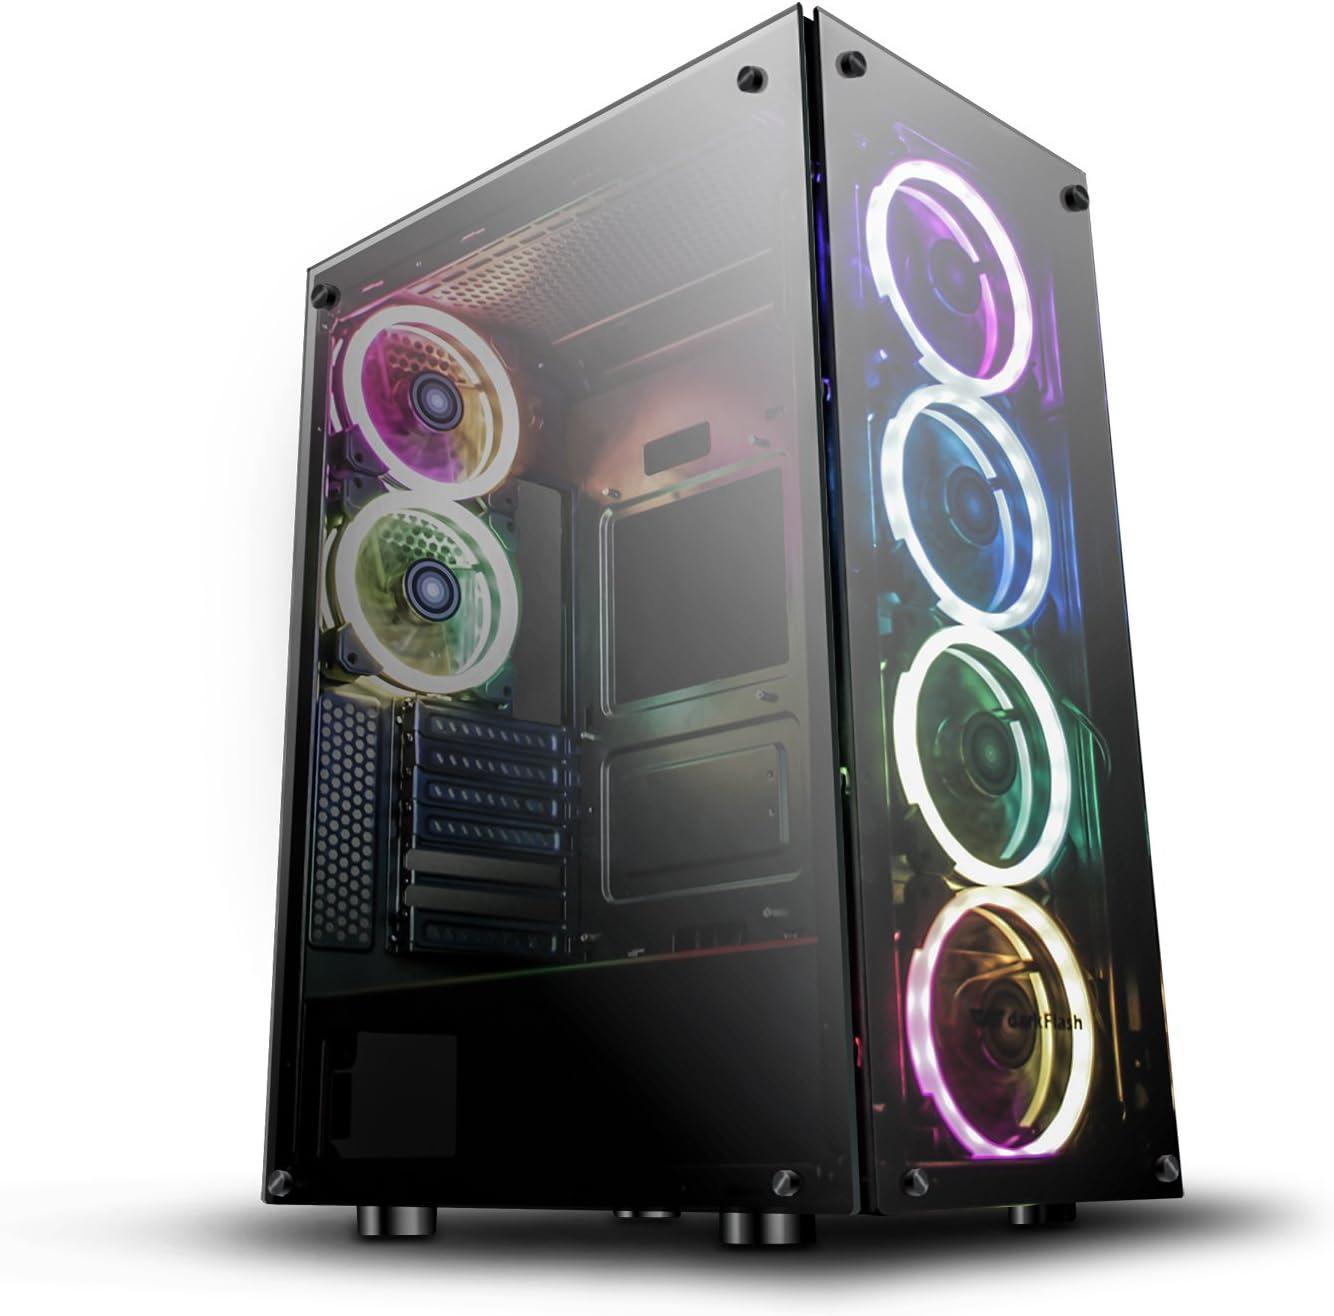 Darkflash T20Noir ATX Mid-Tower Ordinateur de Bureau Gaming Coque en Verre trempé de Ports USB 3.0PC Windows avec 1120mm LED Rainbow teintée Phantom